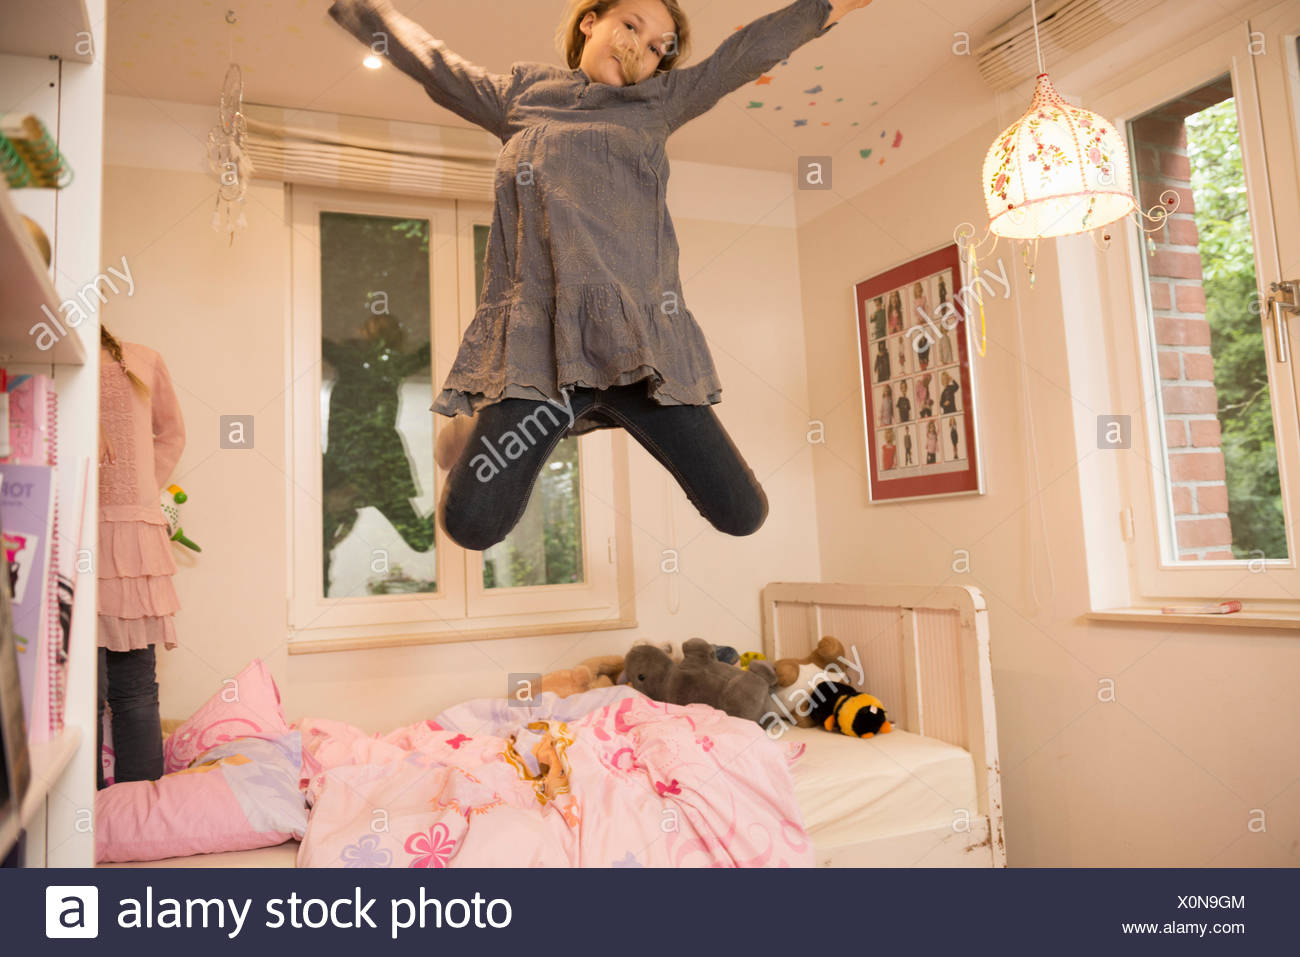 Ragazza jumping metà aria dal letto in camera da letto Immagini Stock